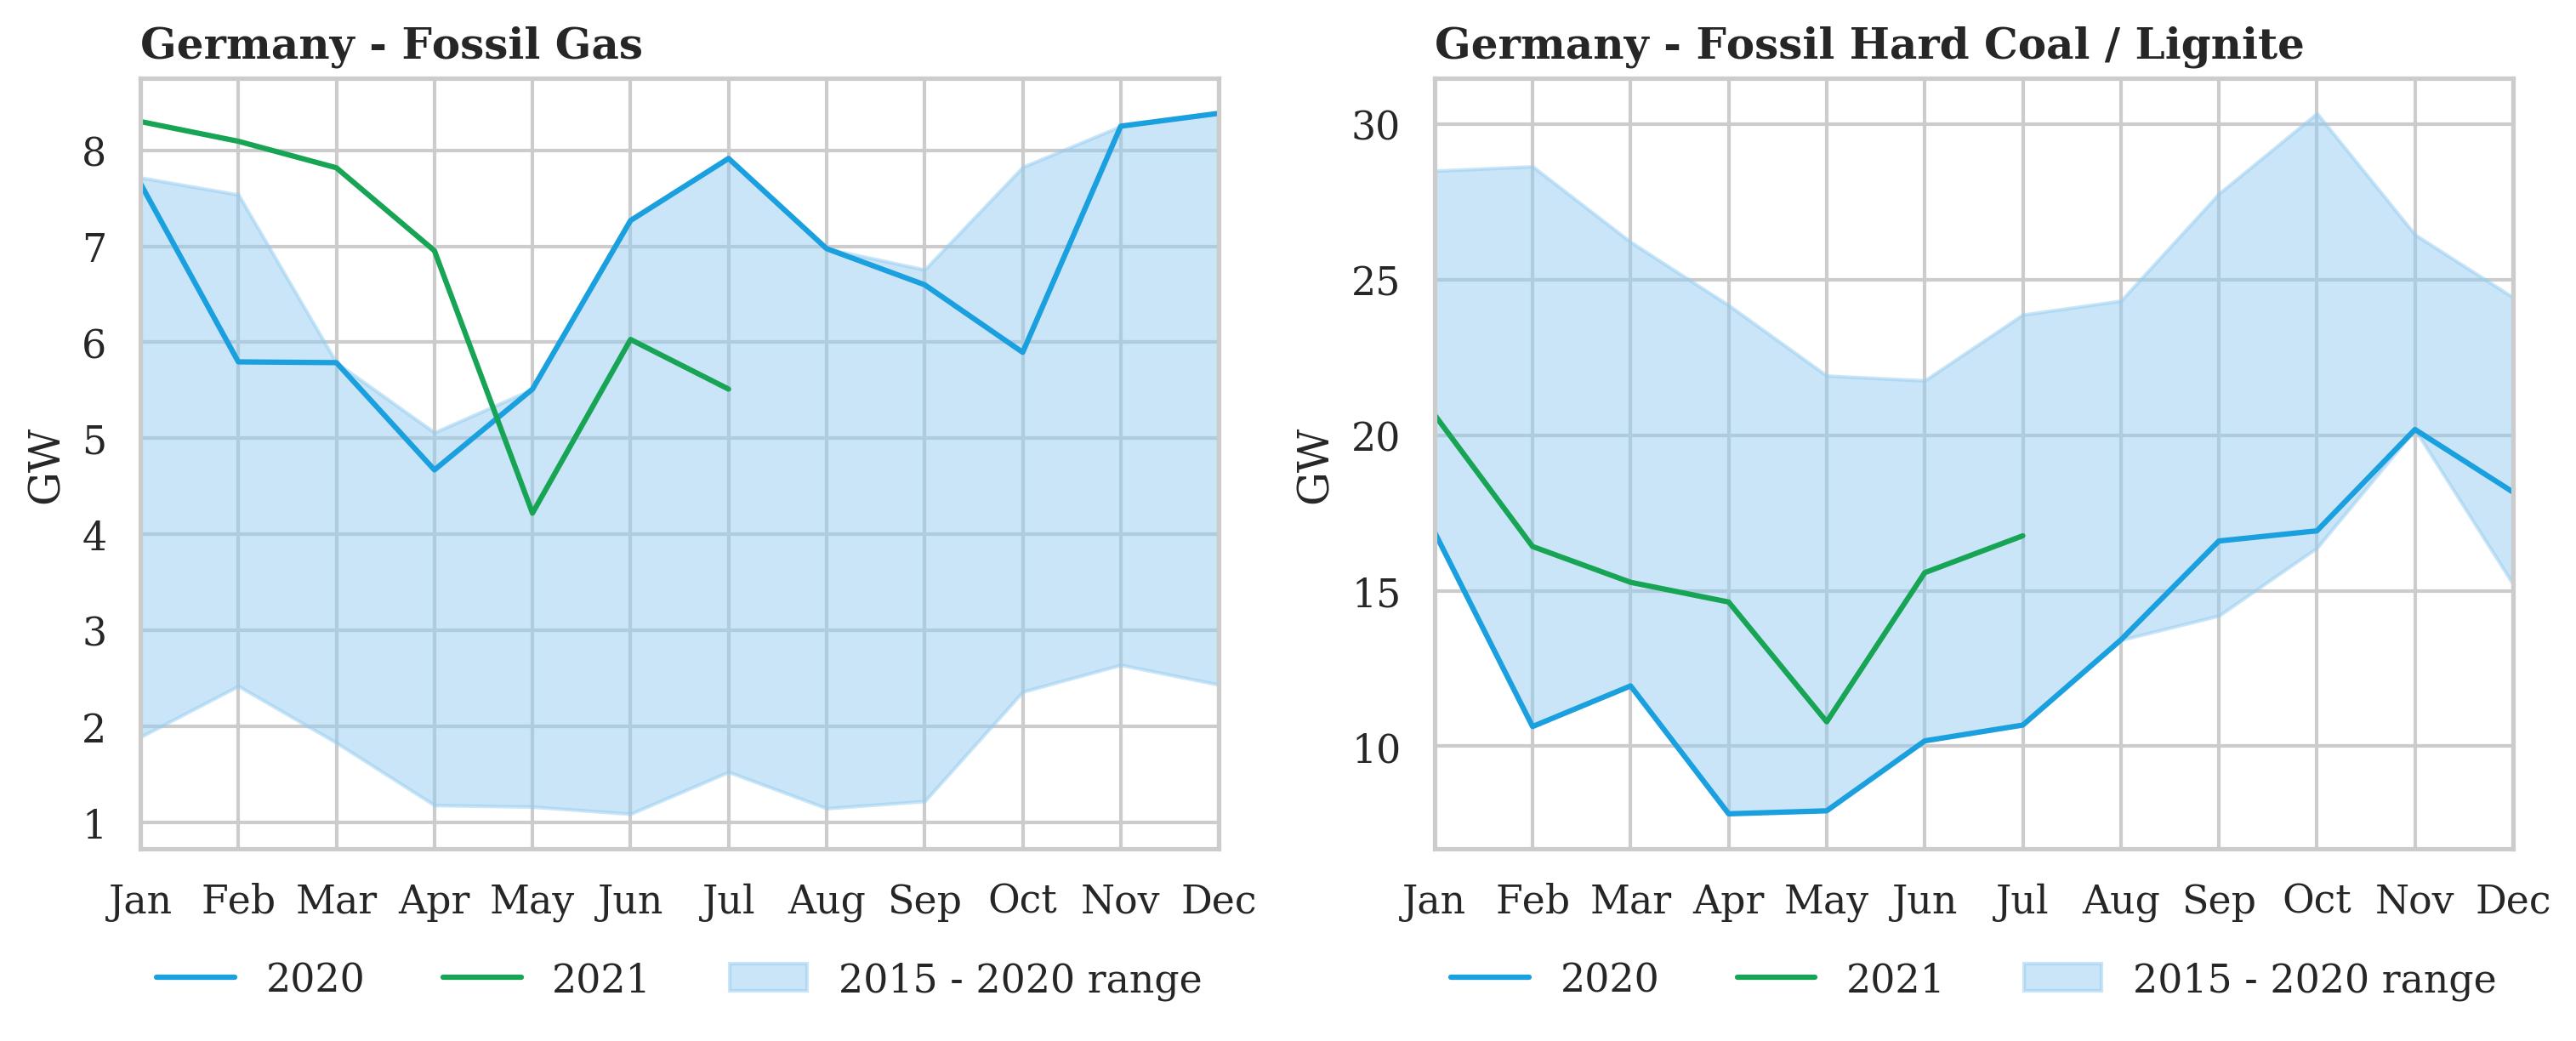 Coal making a comeback in Germany